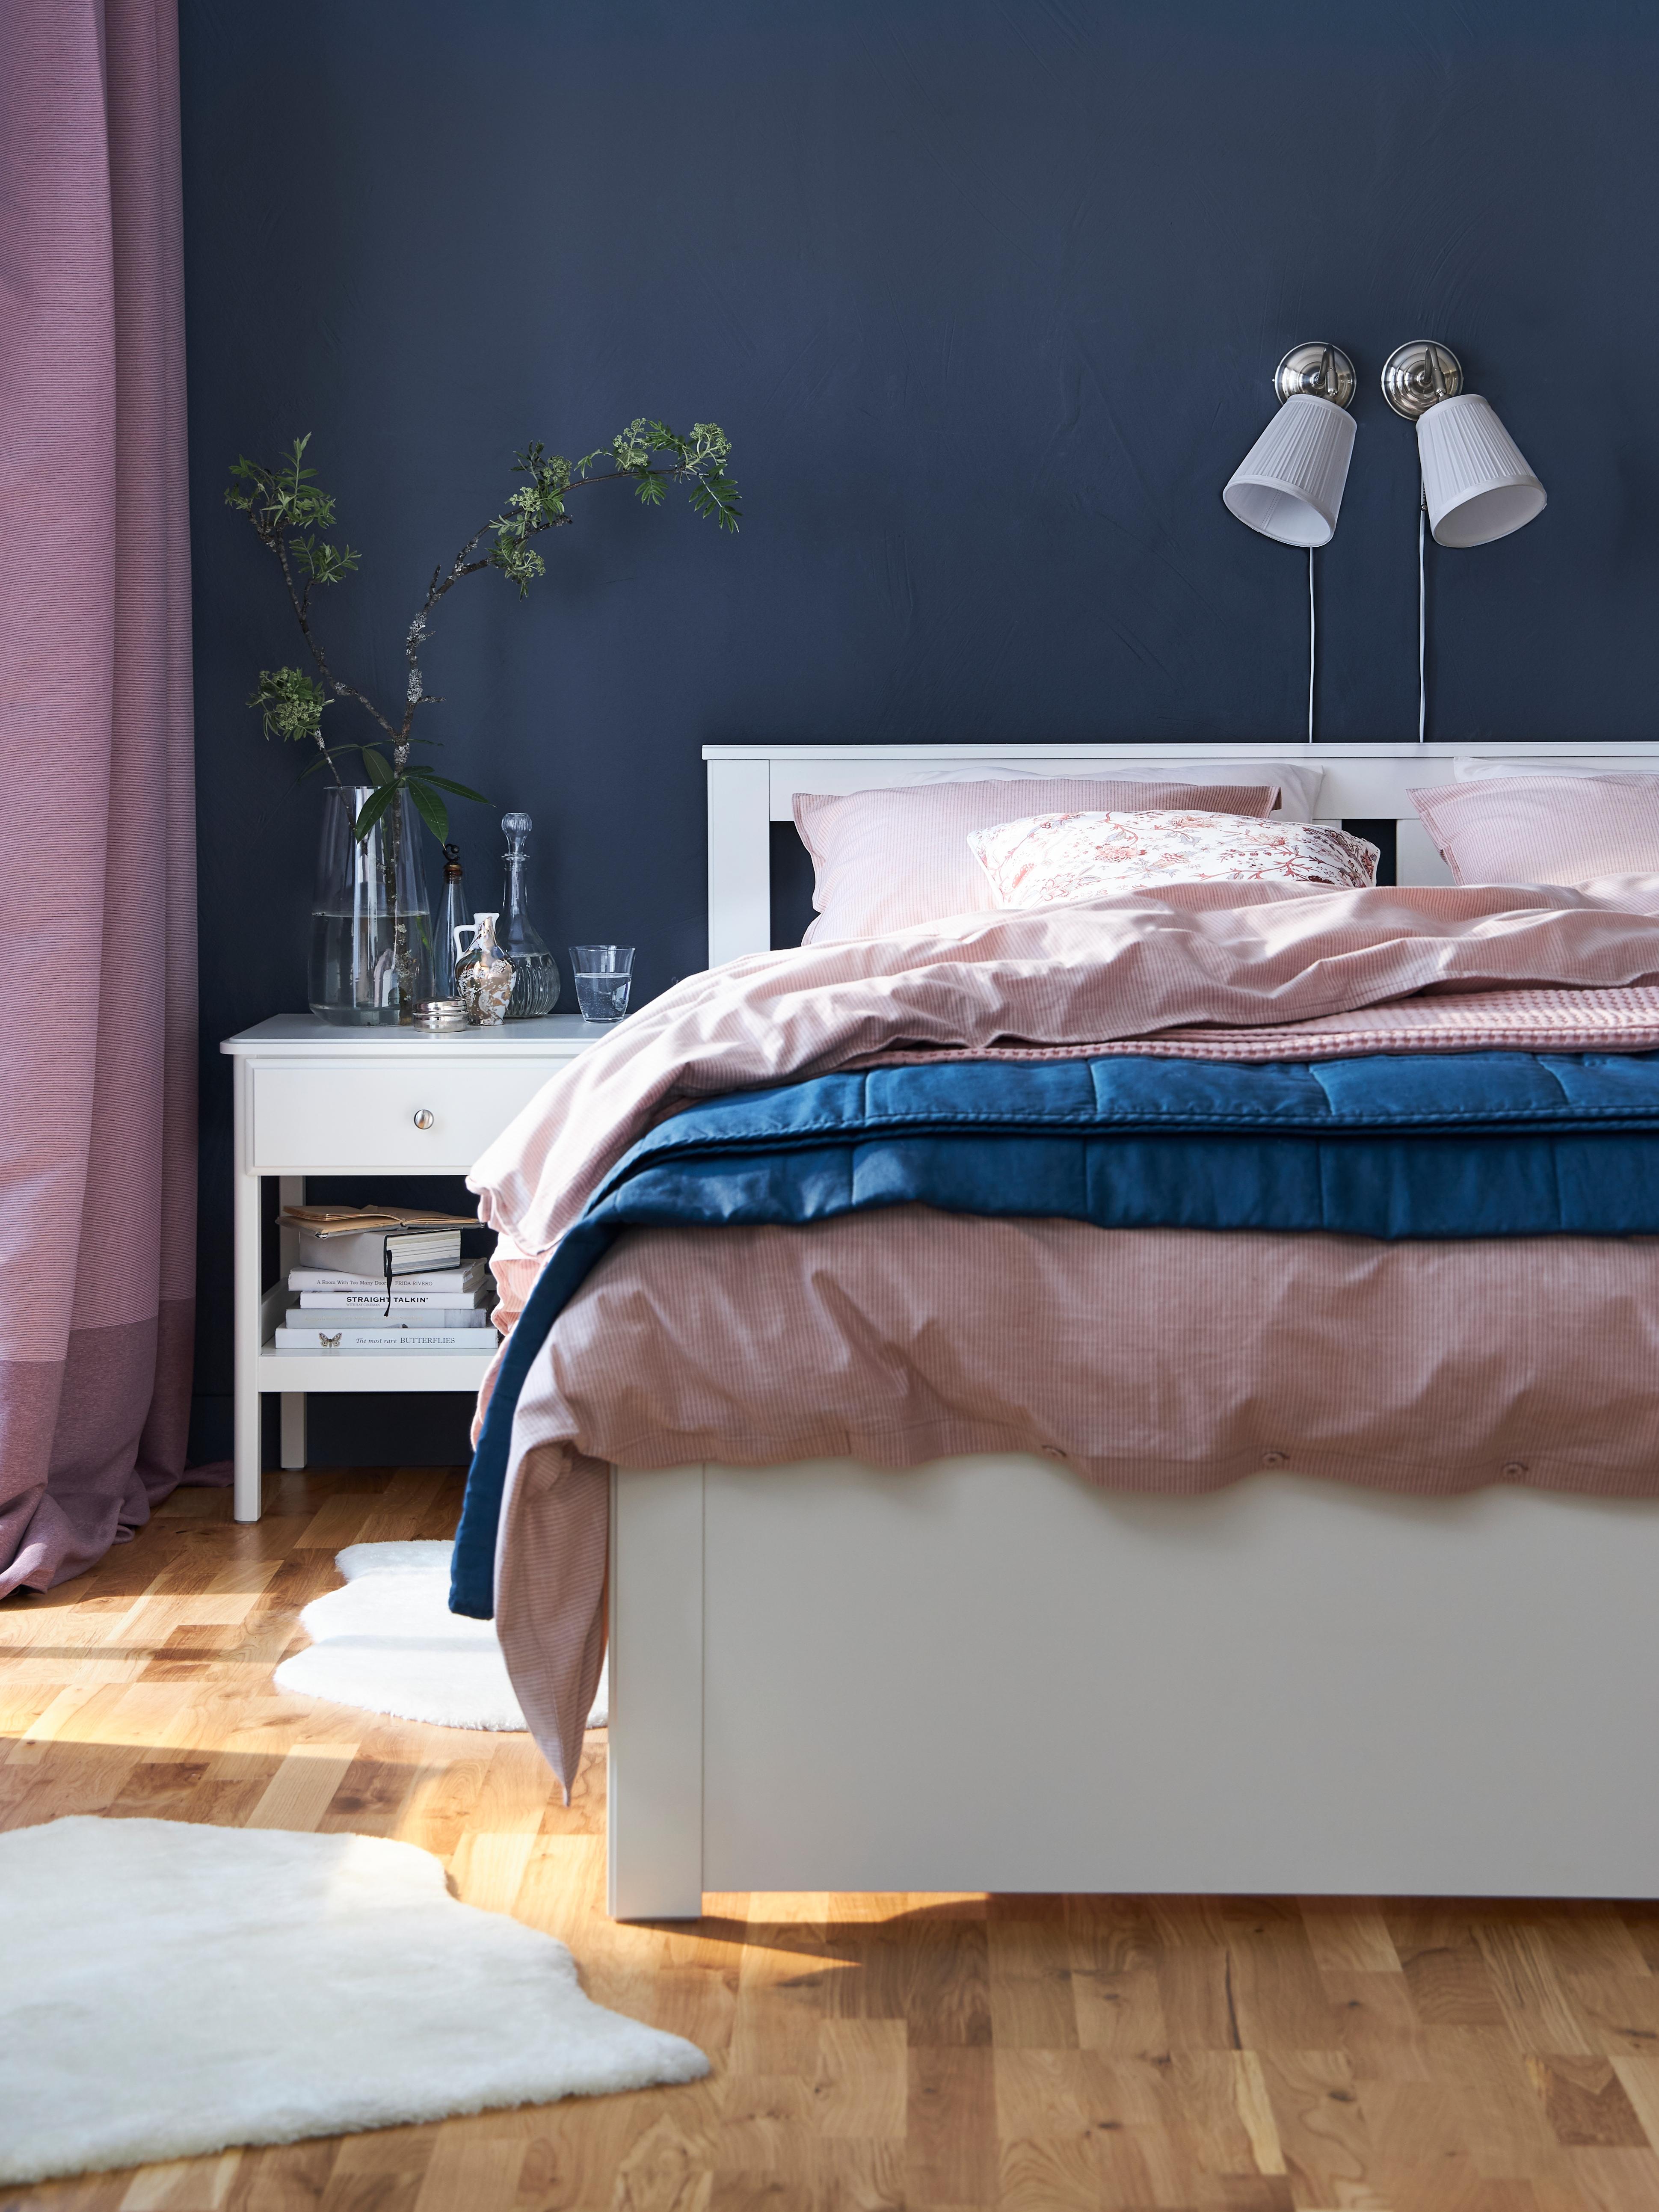 Struttura letto SONGESAND bianca con biancheria blu e rosa e tappeti bianchi, in una stanza con il pavimento in legno.